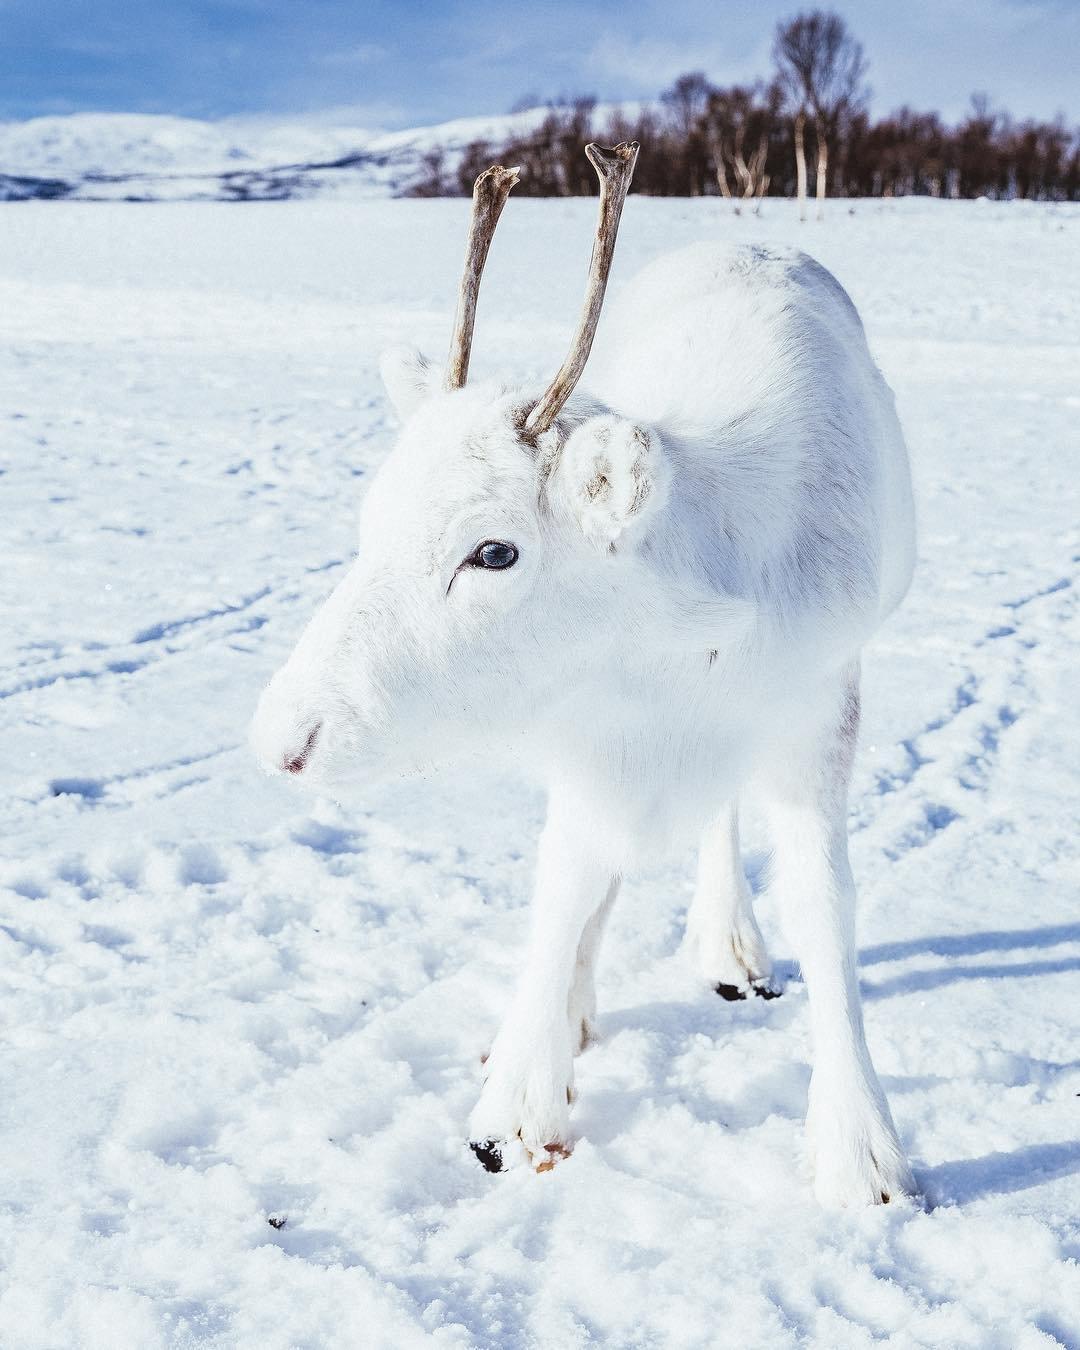 Уникальный детёныш белого оленя попал на фото в Норвегии